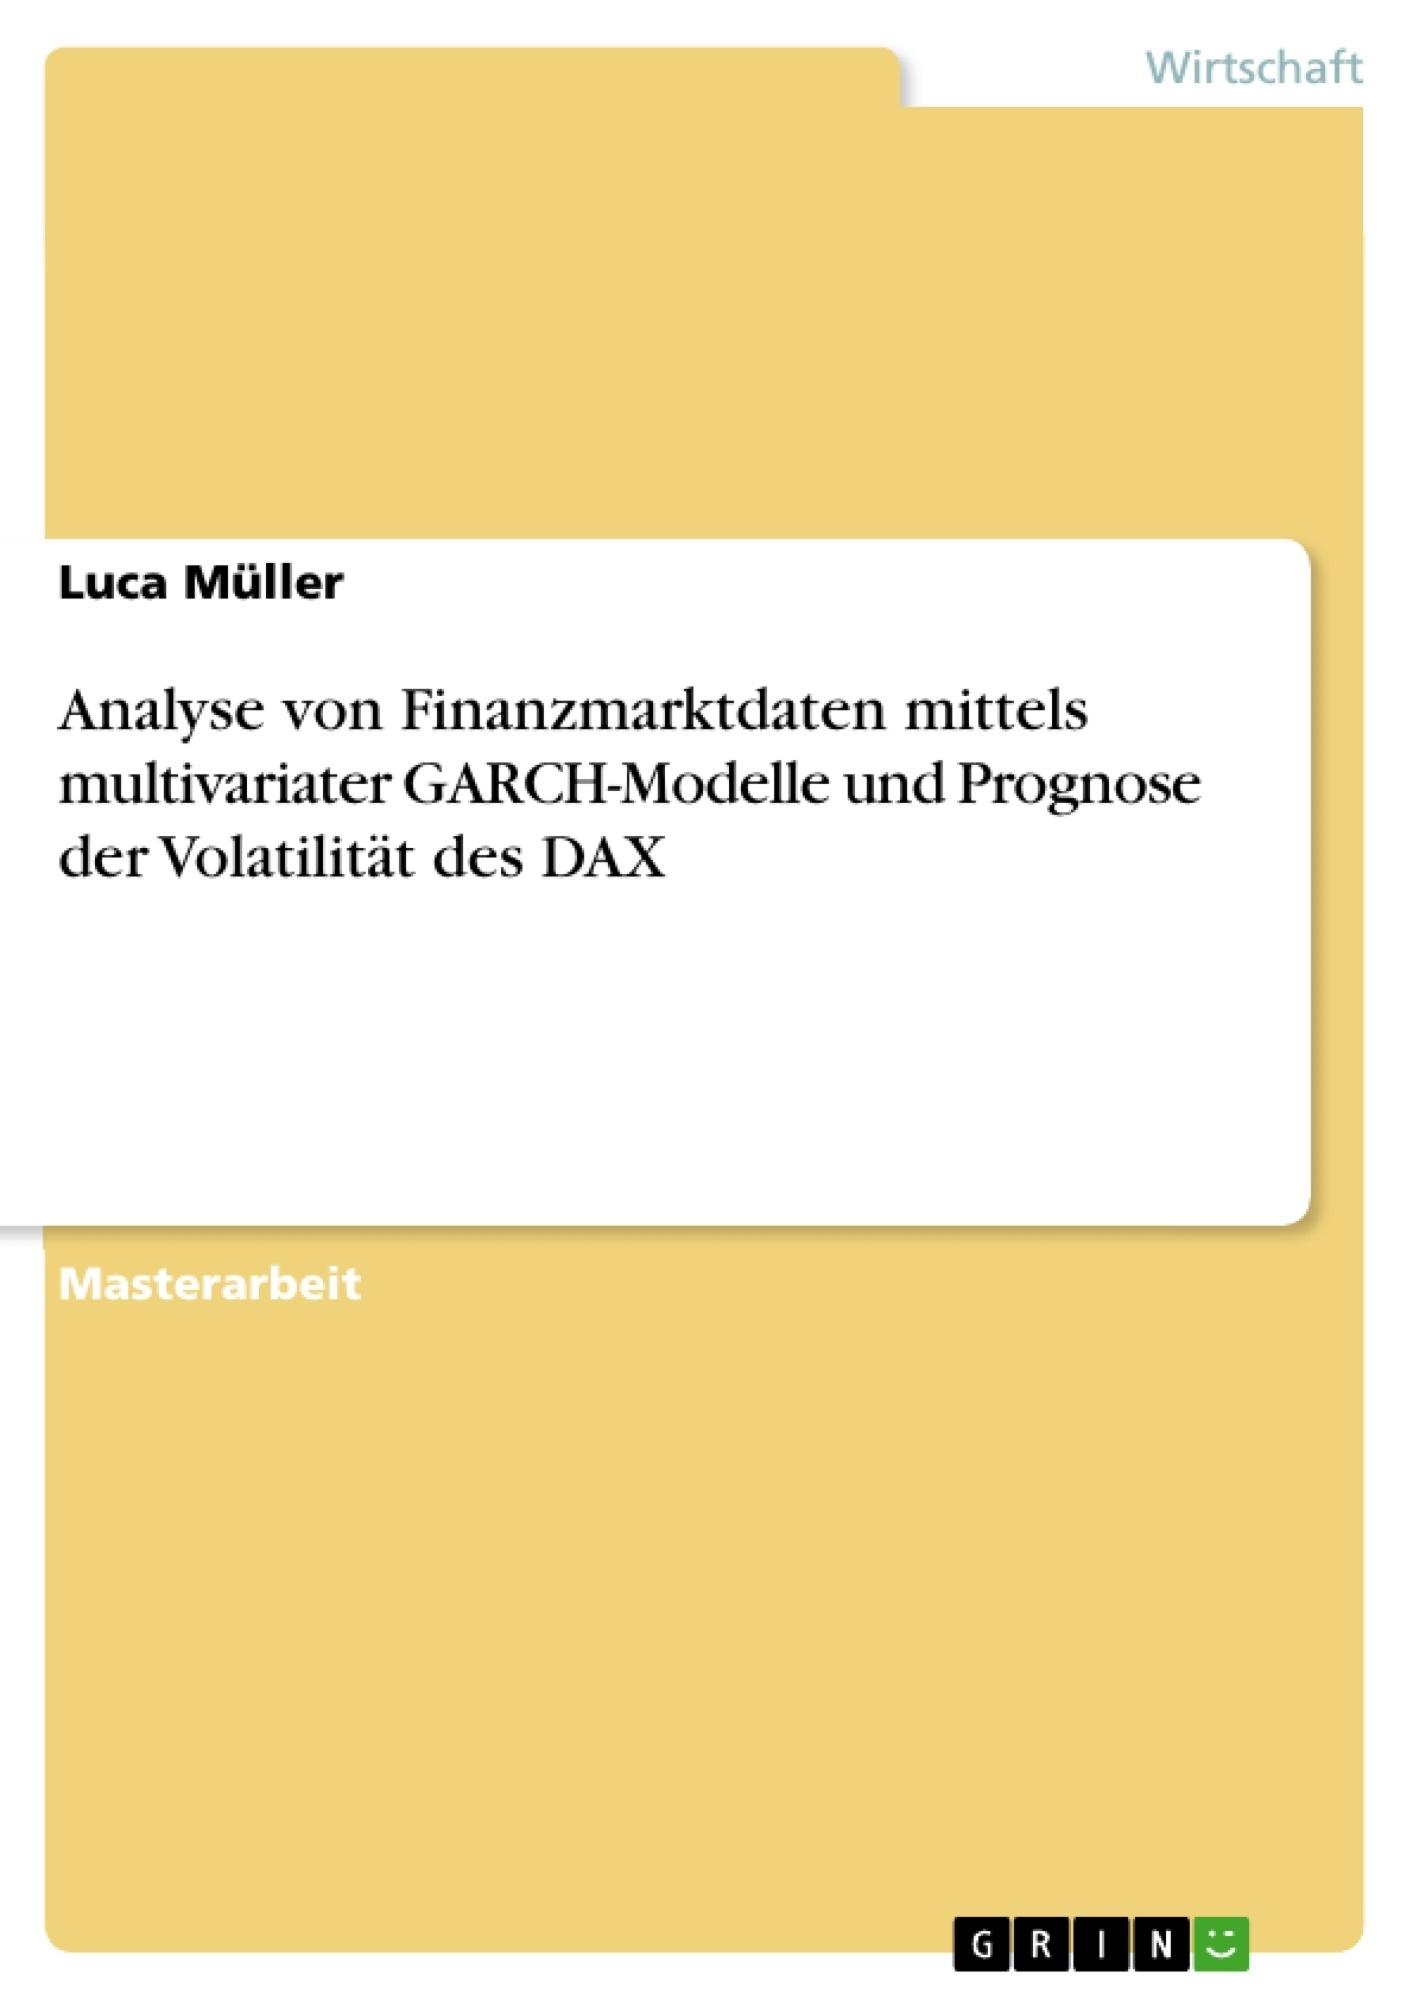 Titel: Analyse von Finanzmarktdaten mittels multivariater GARCH-Modelle und Prognose der Volatilität des DAX